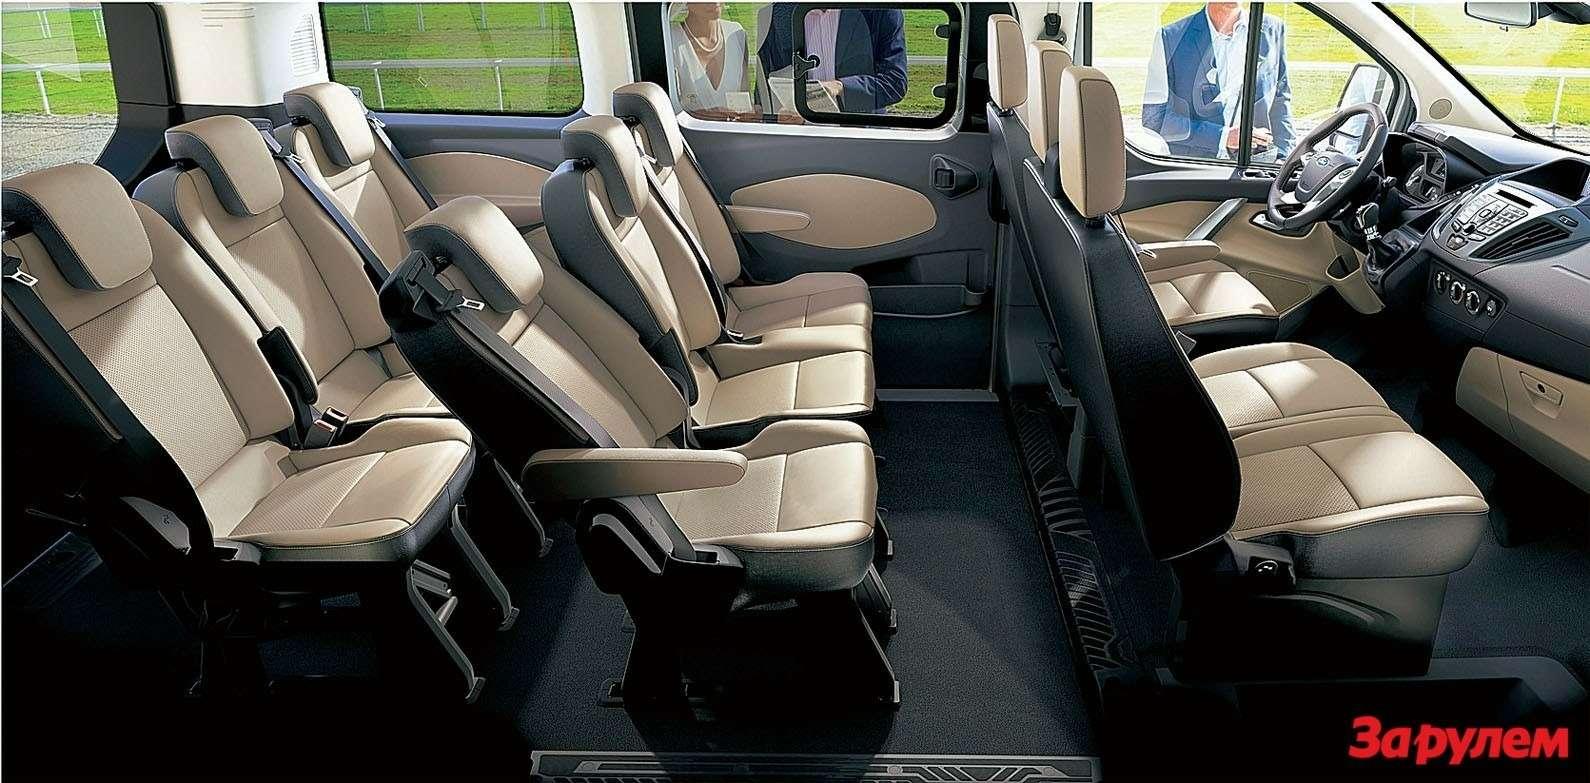 Второй итретий ряды сидений составлены израздельных кресел дляшестерых пассажиров. Возможности трансформации салона многообразны, аскладывать сиденья легко ипросто.